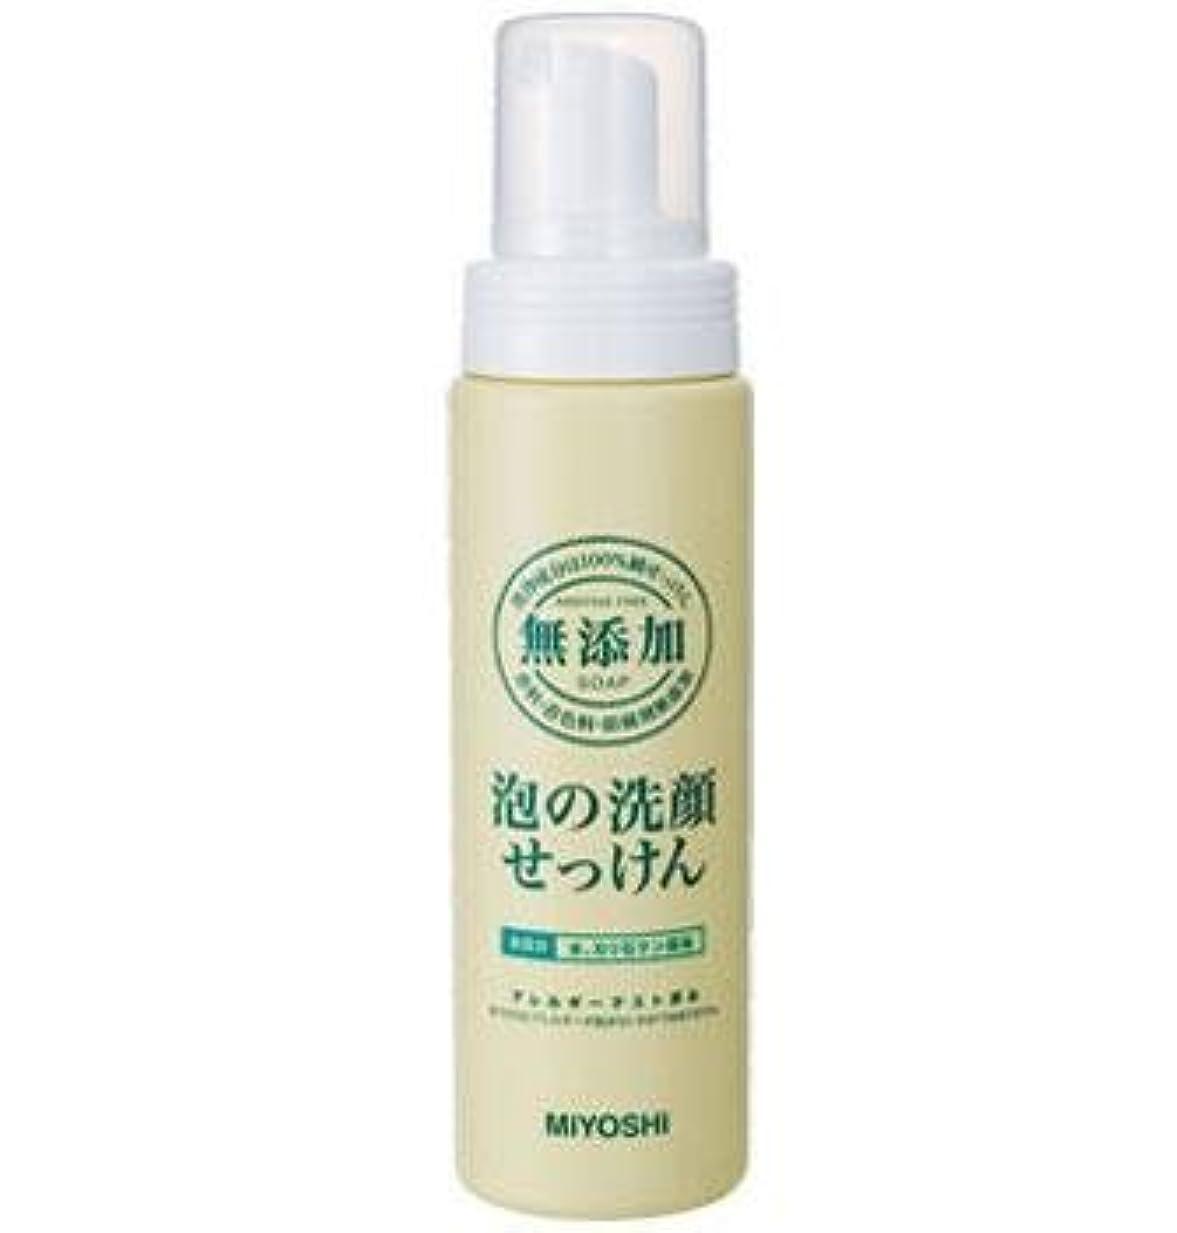 任命する締め切り誘惑するミヨシ石鹸 無添加 泡の洗顔せっけん ポンプ 200ml(無添加石鹸)×24点セット (4537130120019)